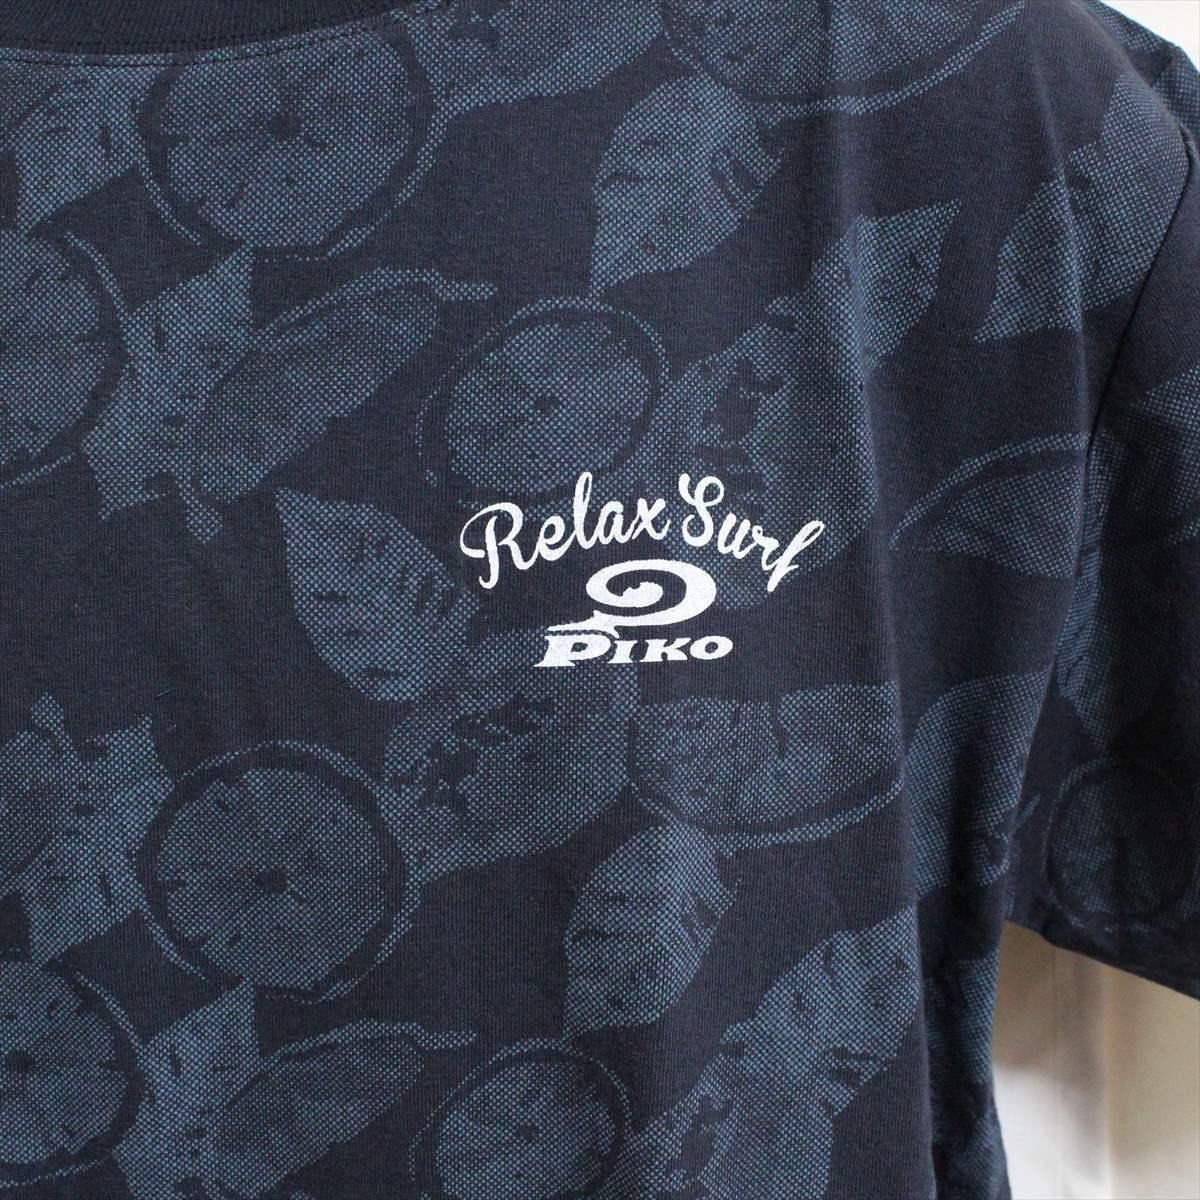 ピコ PIKO メンズ半袖Tシャツ ネイビー Lサイズ 新品 紺_画像2